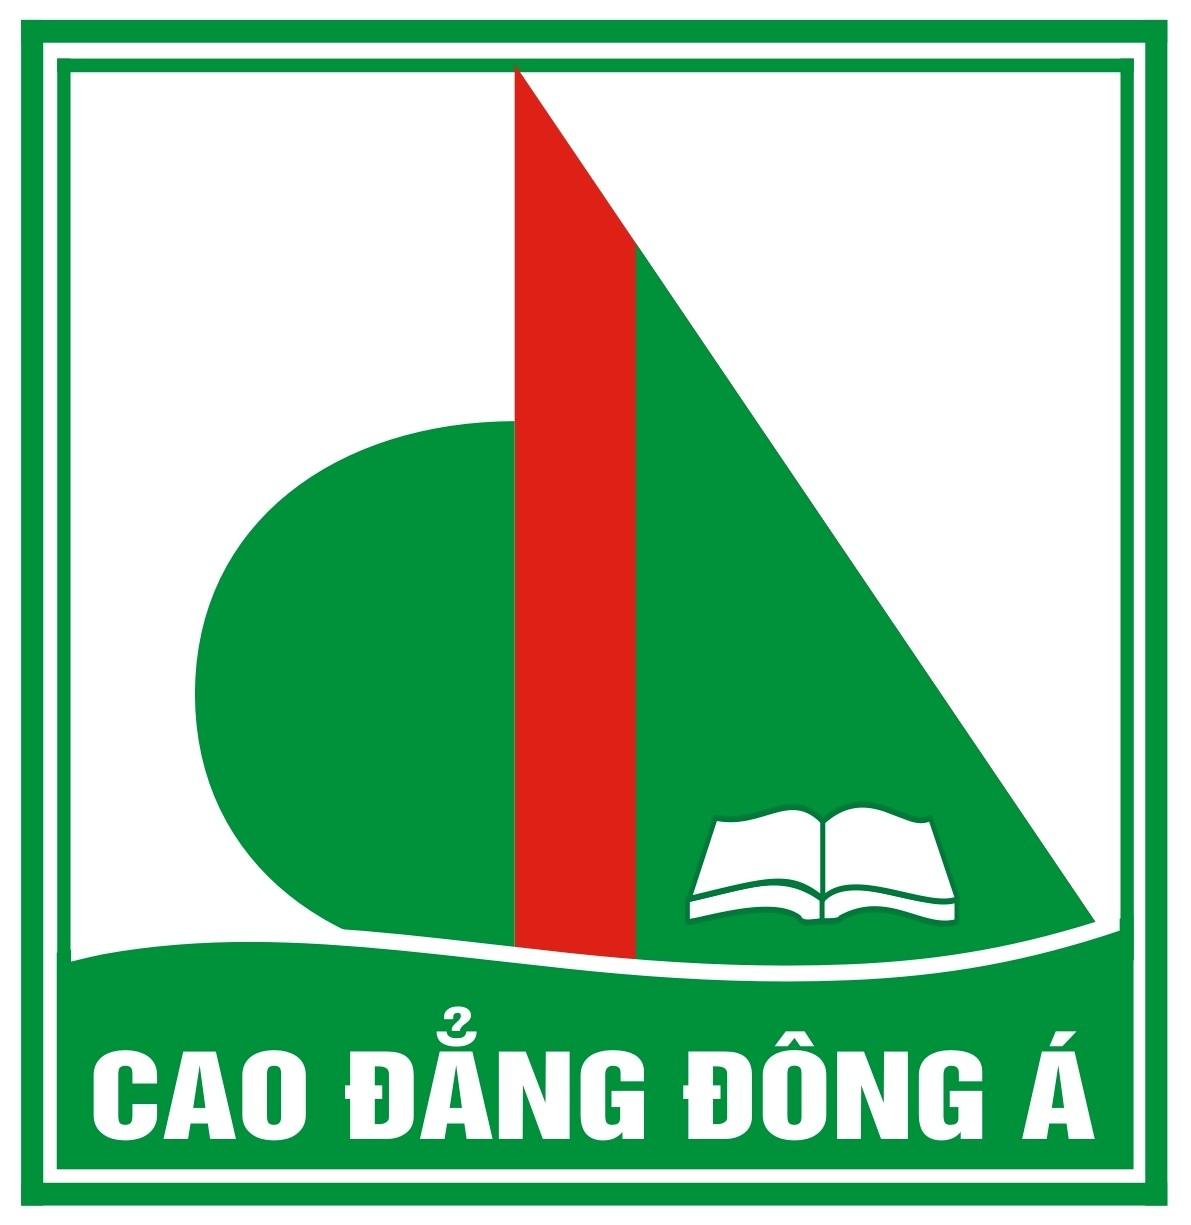 cao dang cong ky nghe dong a - Trường Cao Đẳng Công Kỹ Nghệ Đông Á Tuyển Sinh 2018